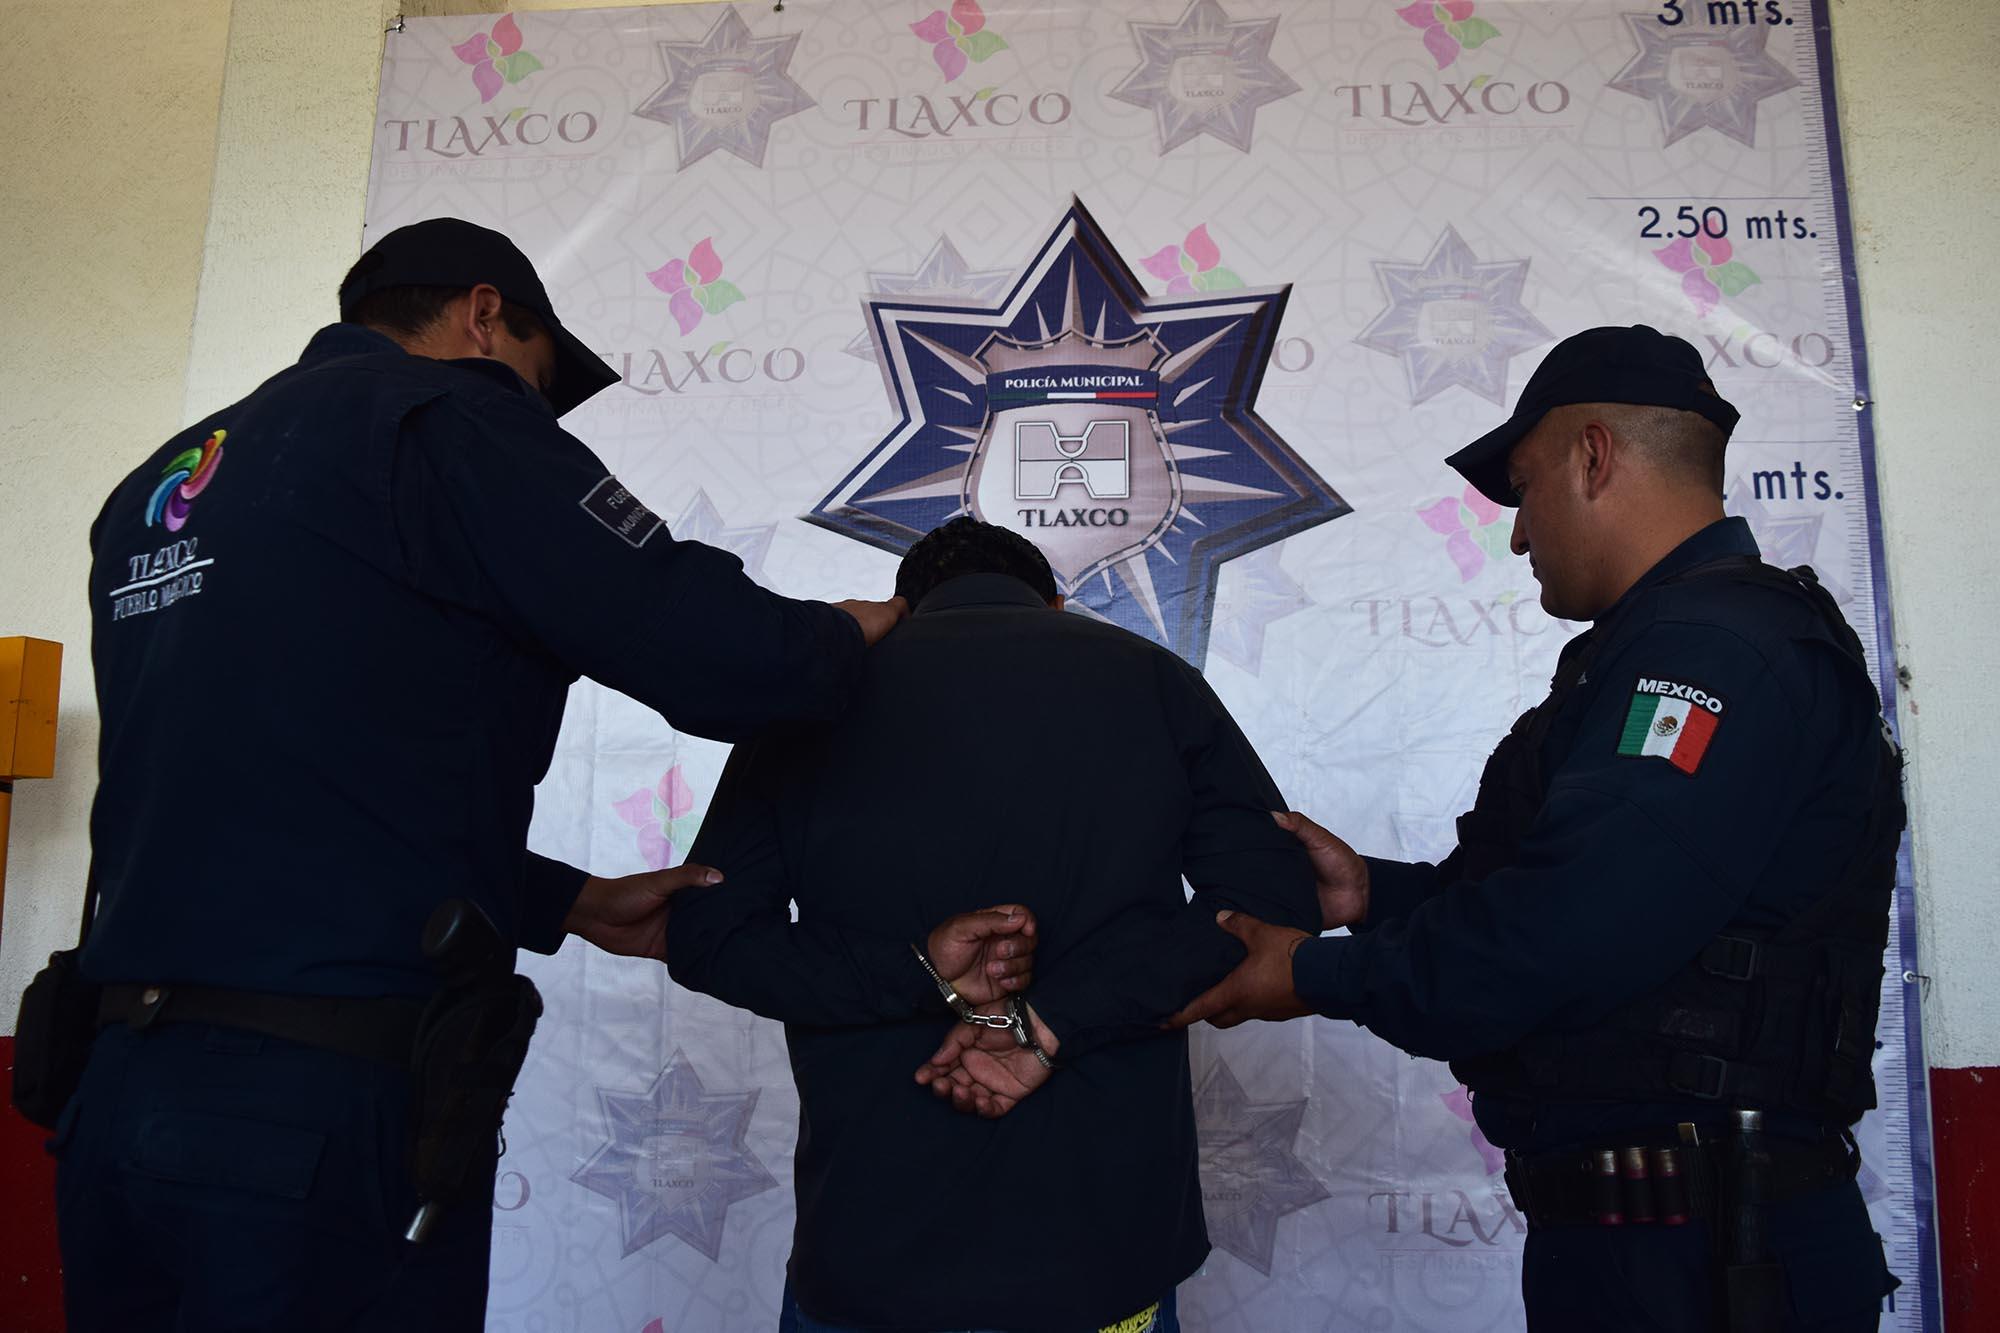 Evita Policía Municipal de Tlaxco robo de camioneta en comunidad de La Rosa